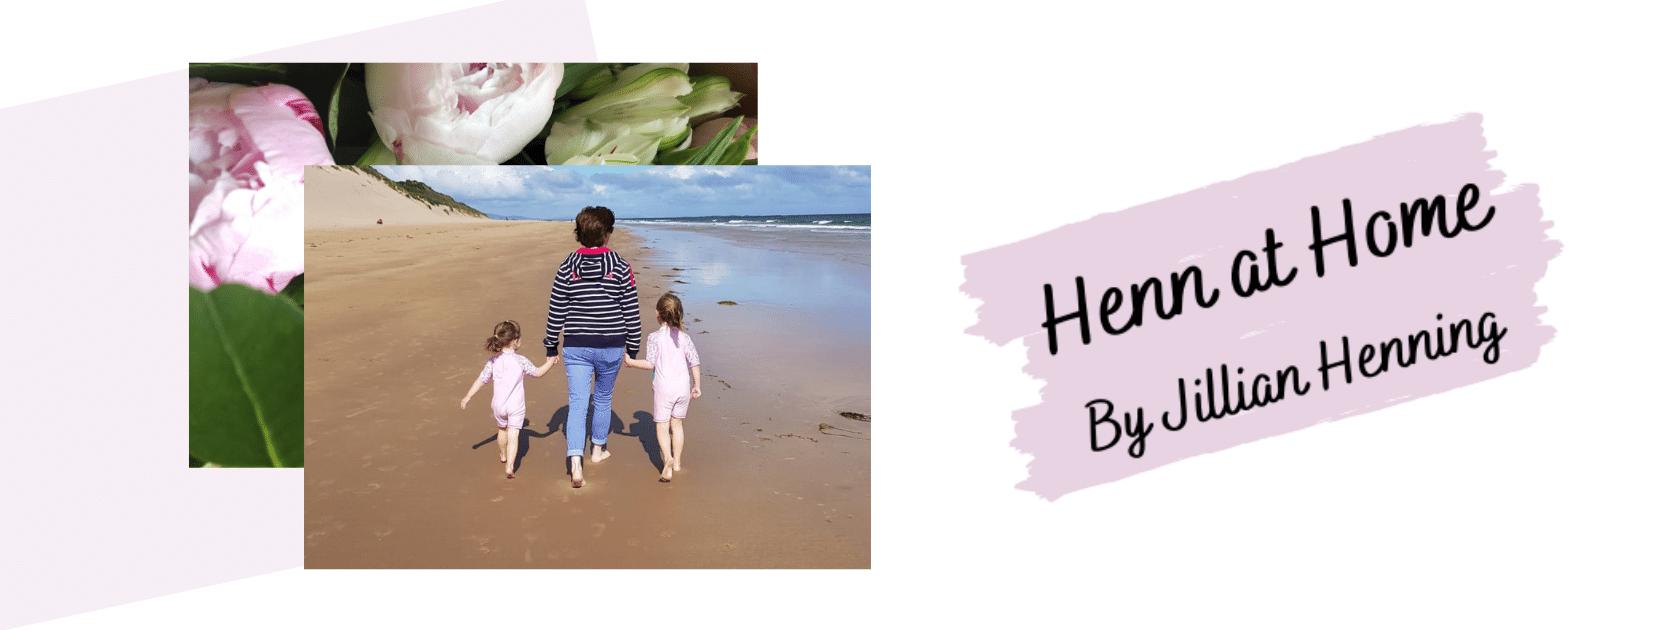 Hennnathome lifestyle blog Jillian Henning Blogger